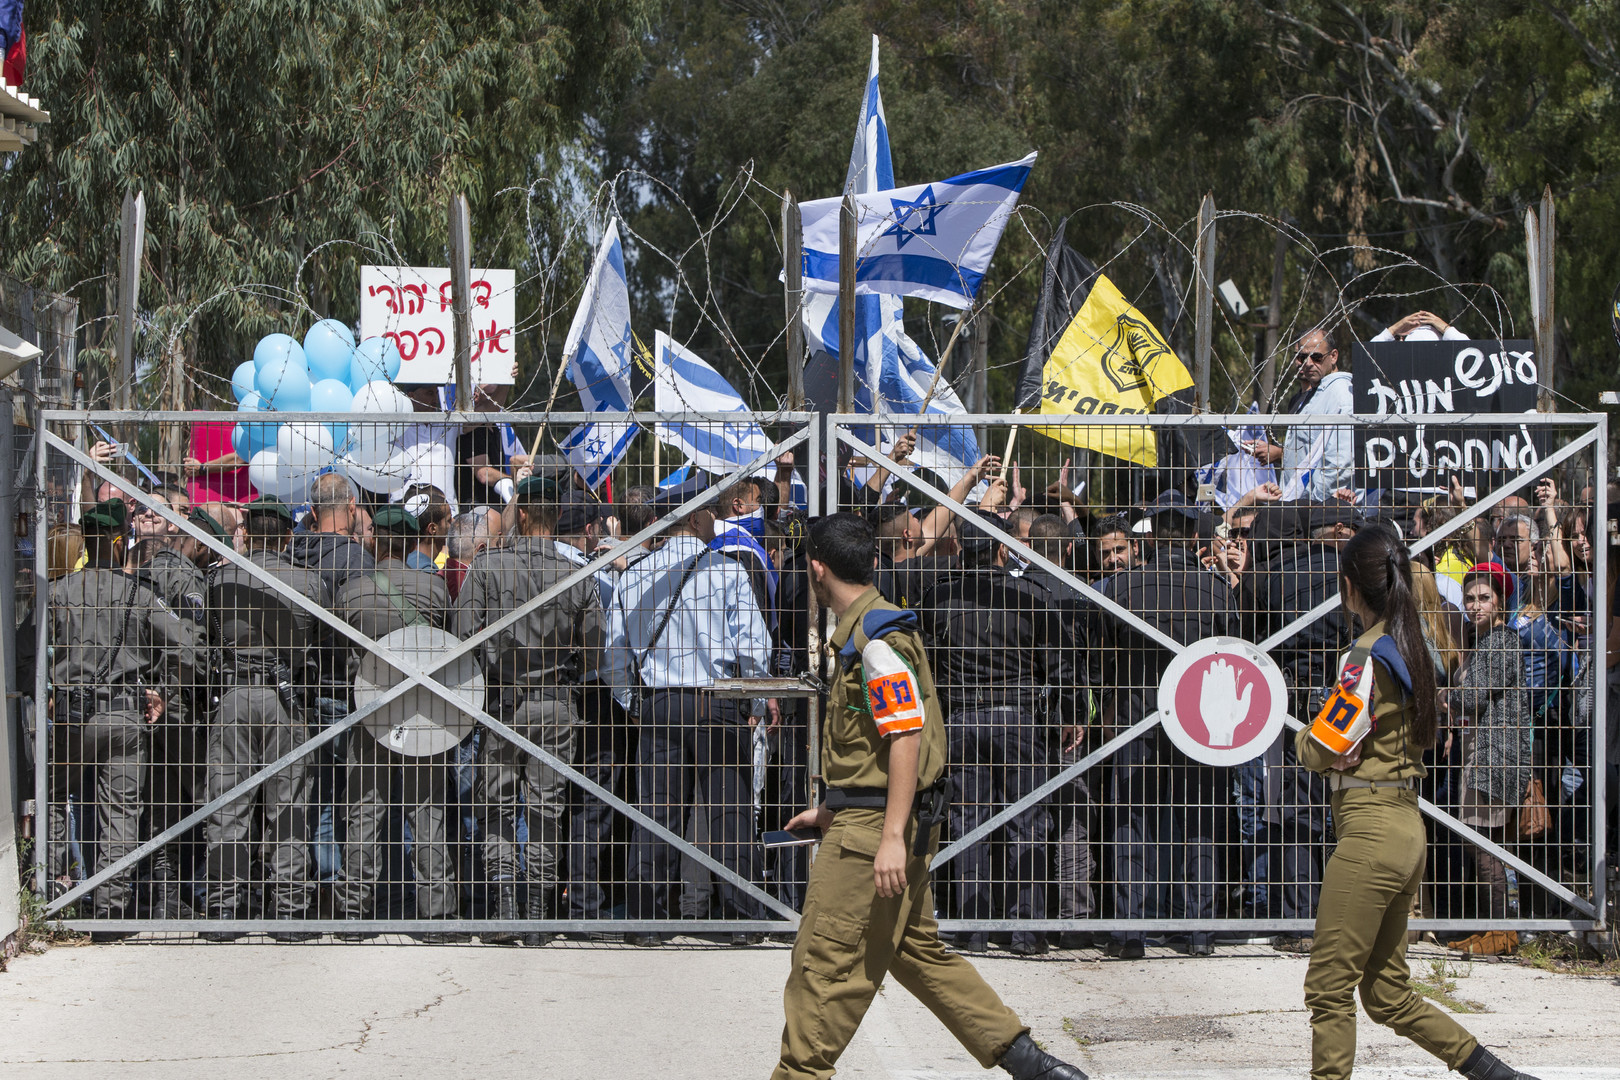 Palestinien tué à Hébron : malgré les accusations, les soutiens au soldat israélien se multiplient